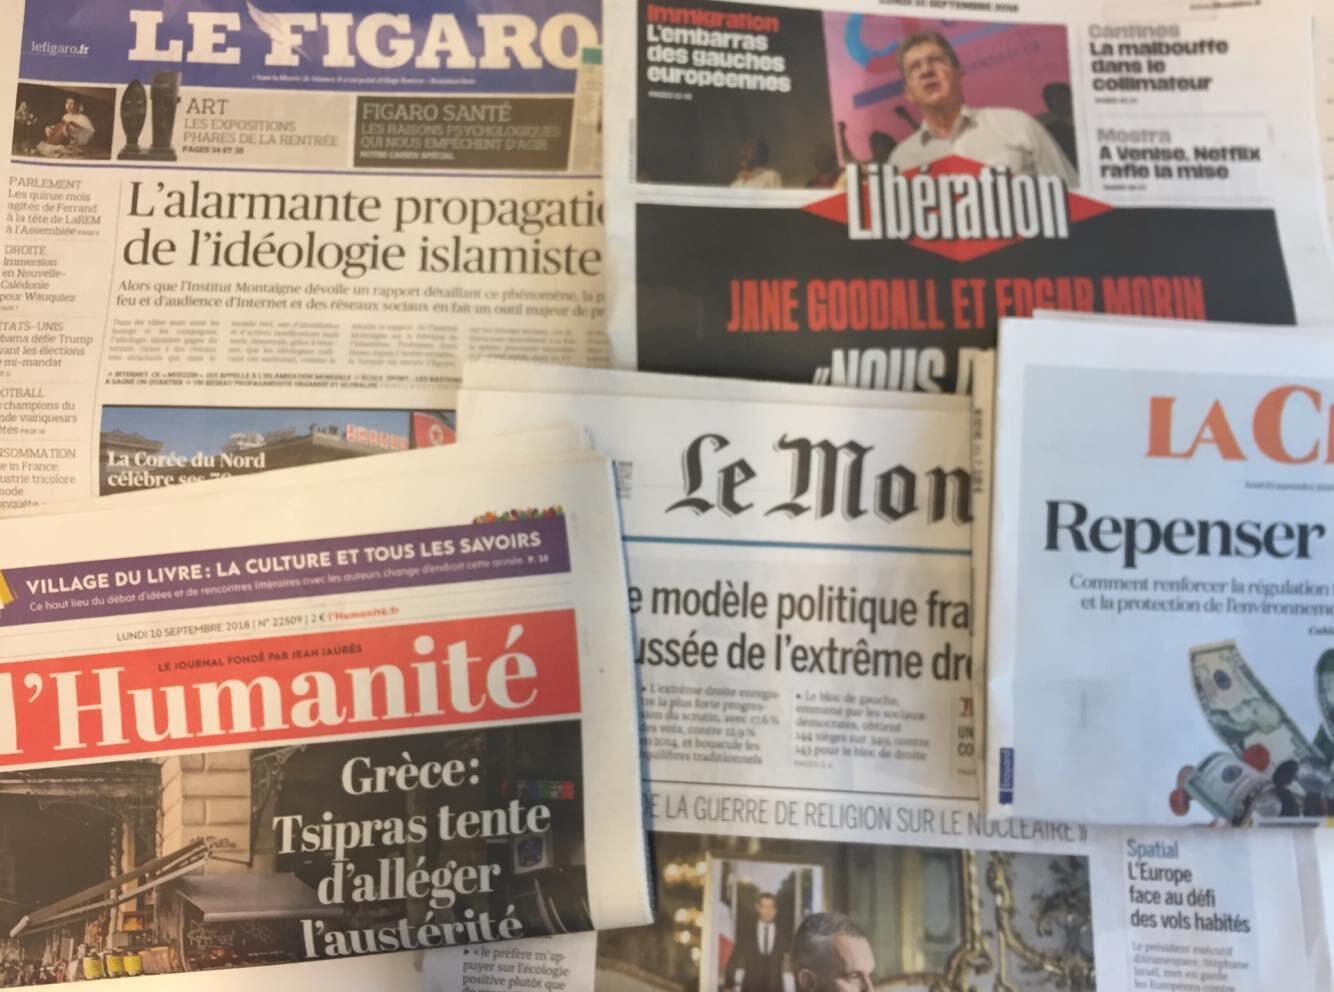 Primeiras páginas dos jornais franceses de 10 de setembro de 2018